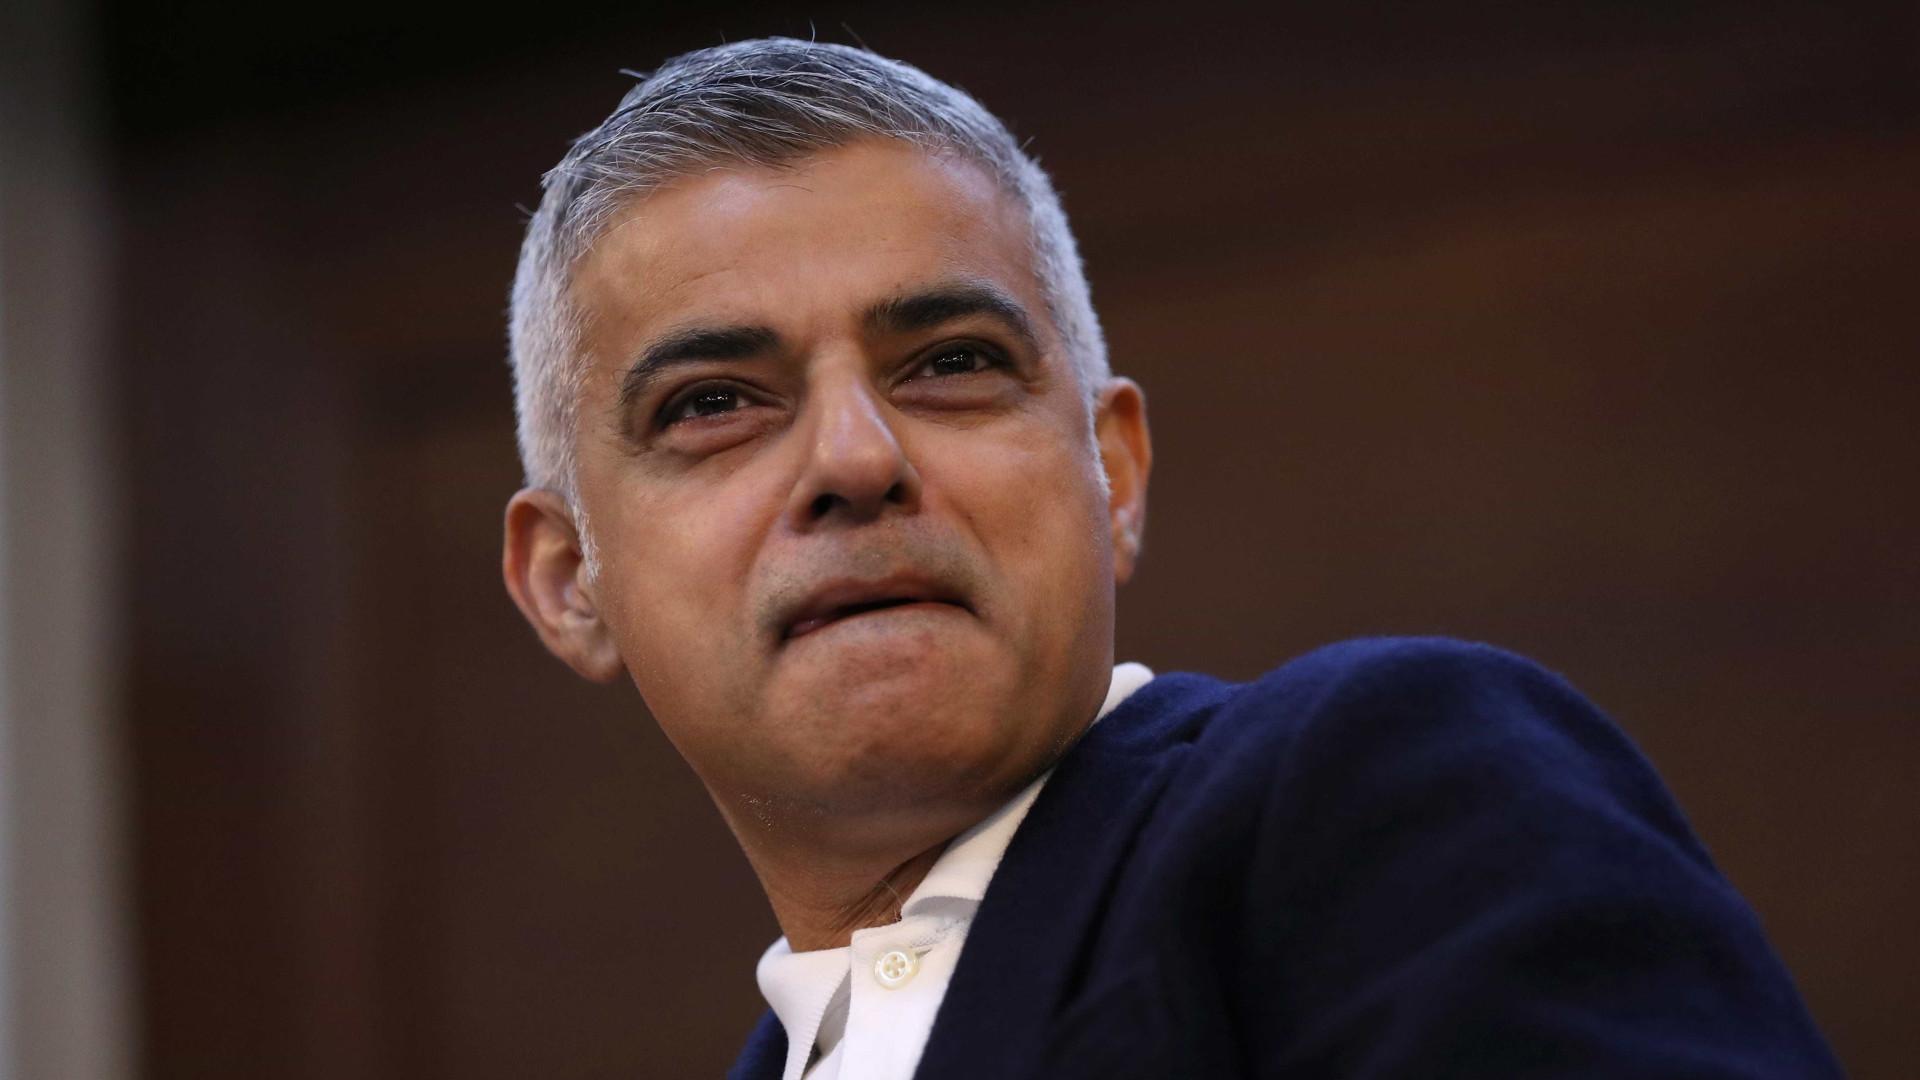 Defensores de Trump protestam contra prefeito de Londres em evento